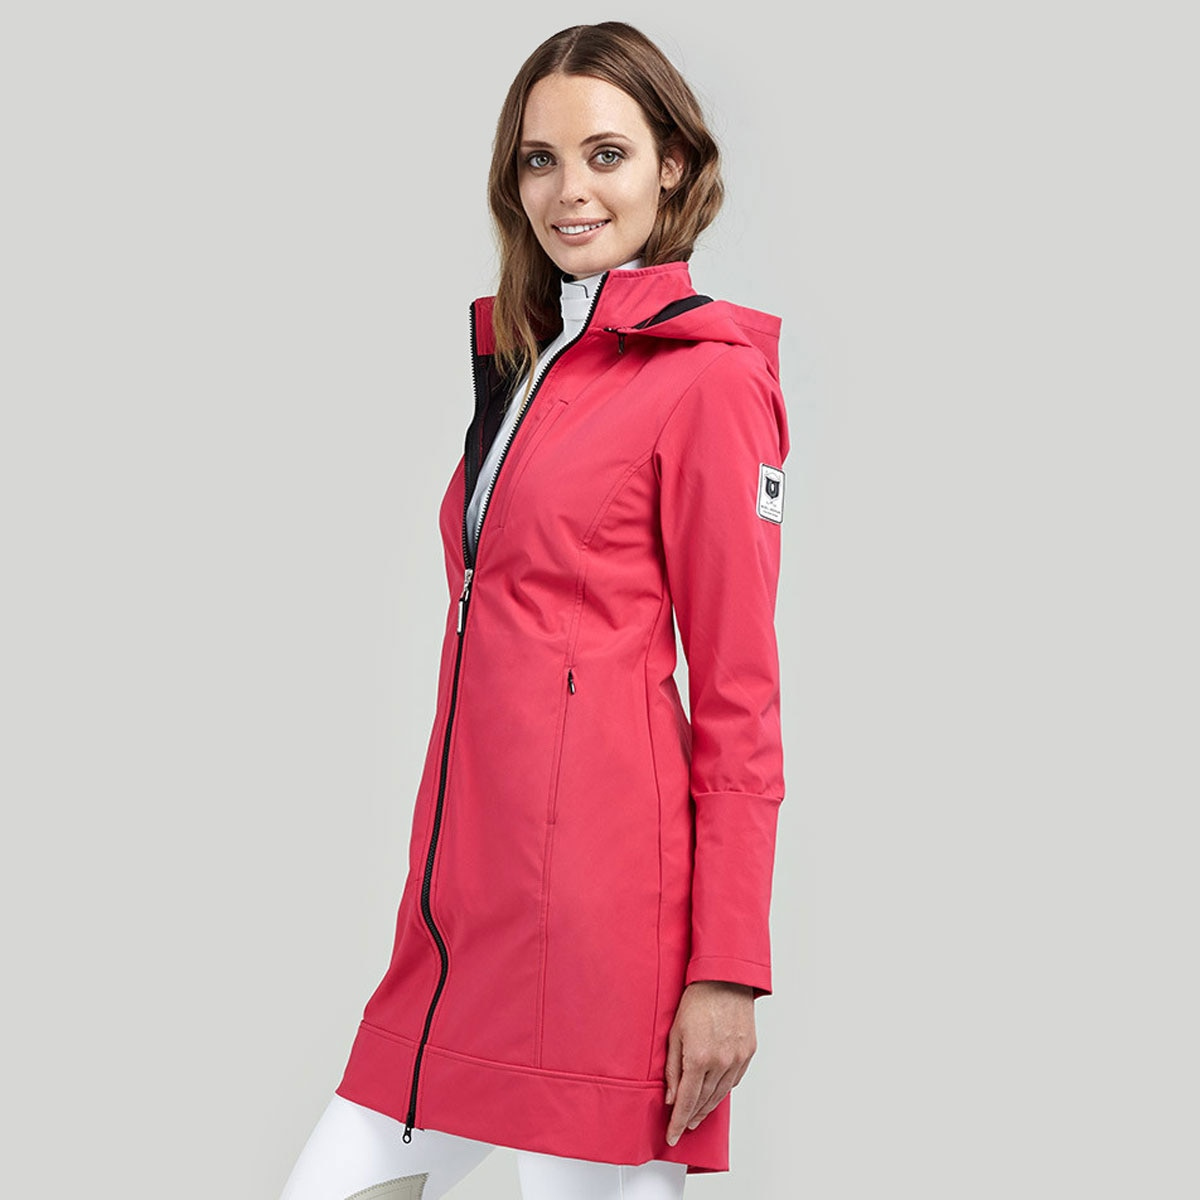 Asmar All Weather Rider Lightweight Jacket - Sale!